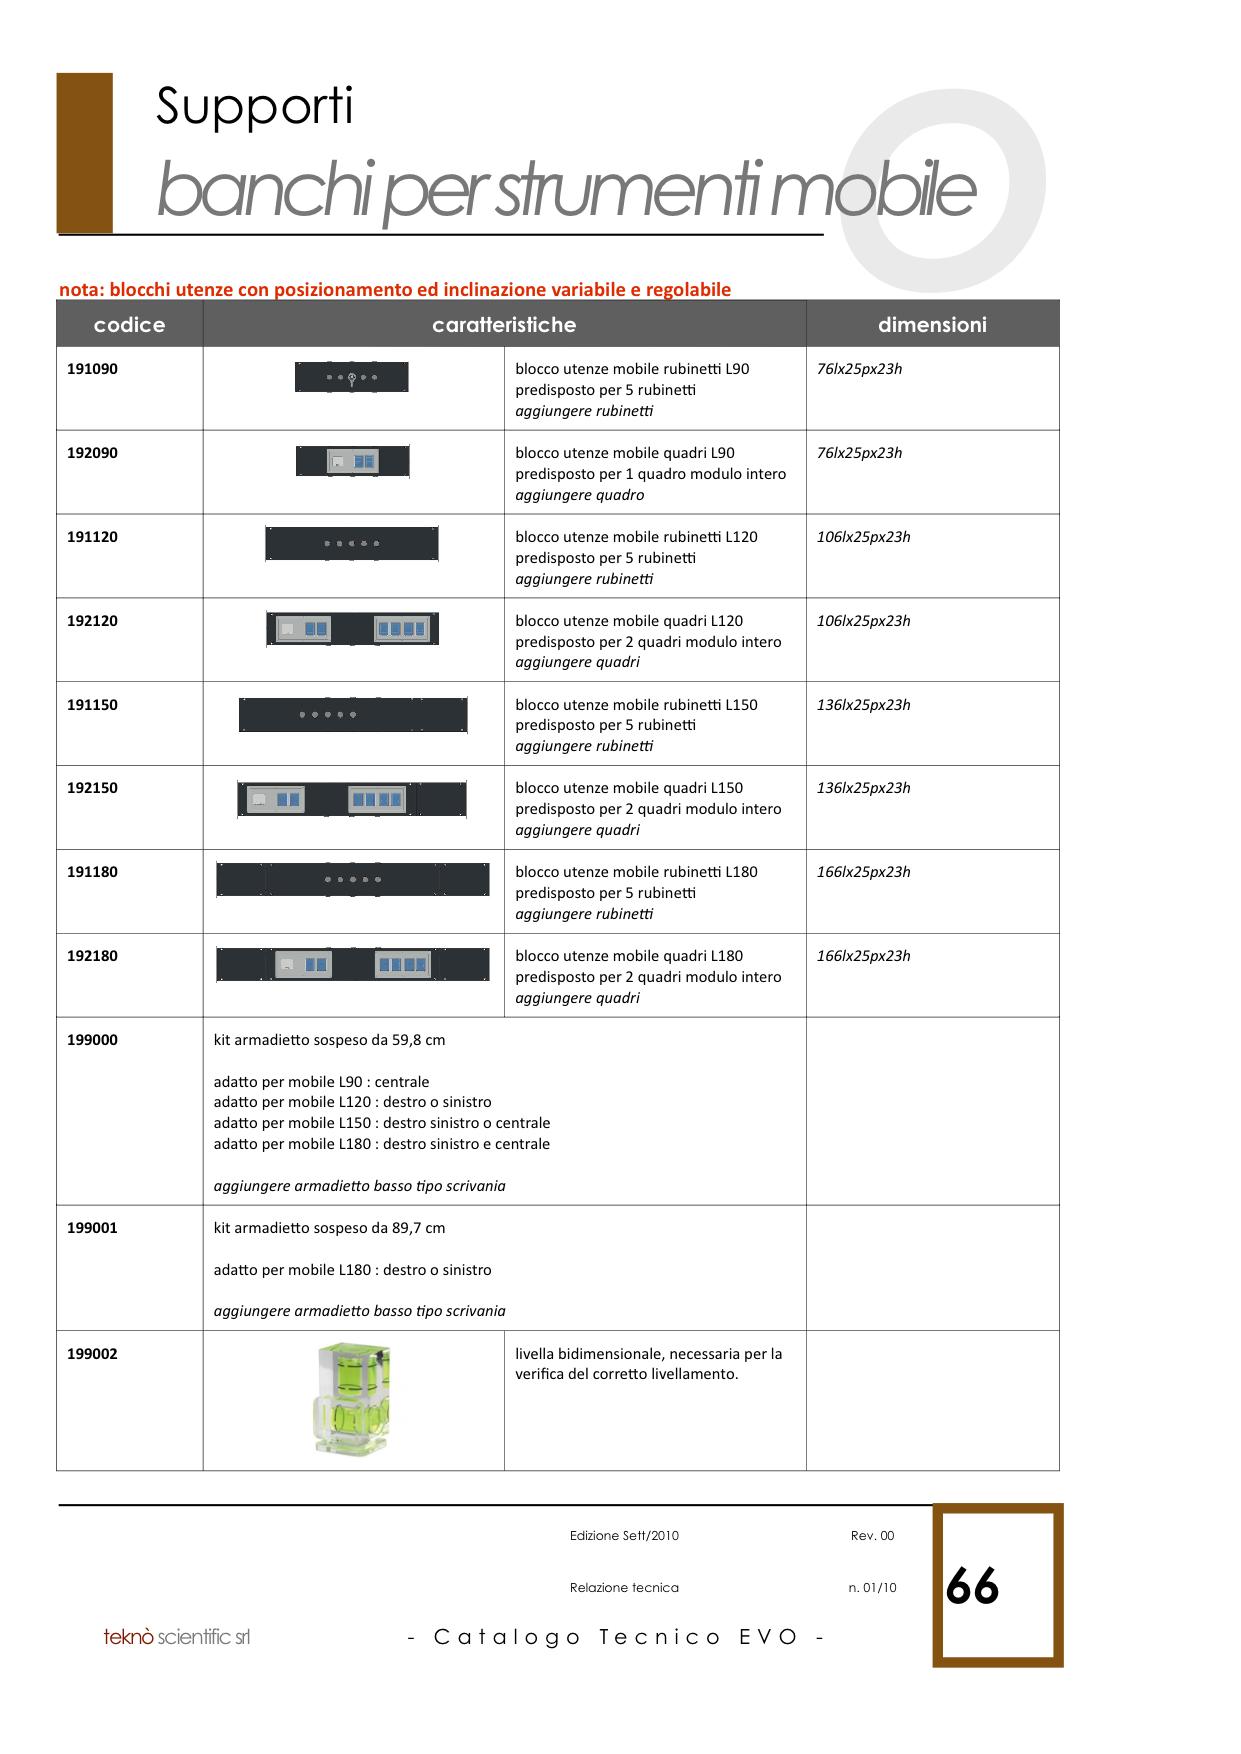 EVO Catalogo Tecnico Generale copia 66.png